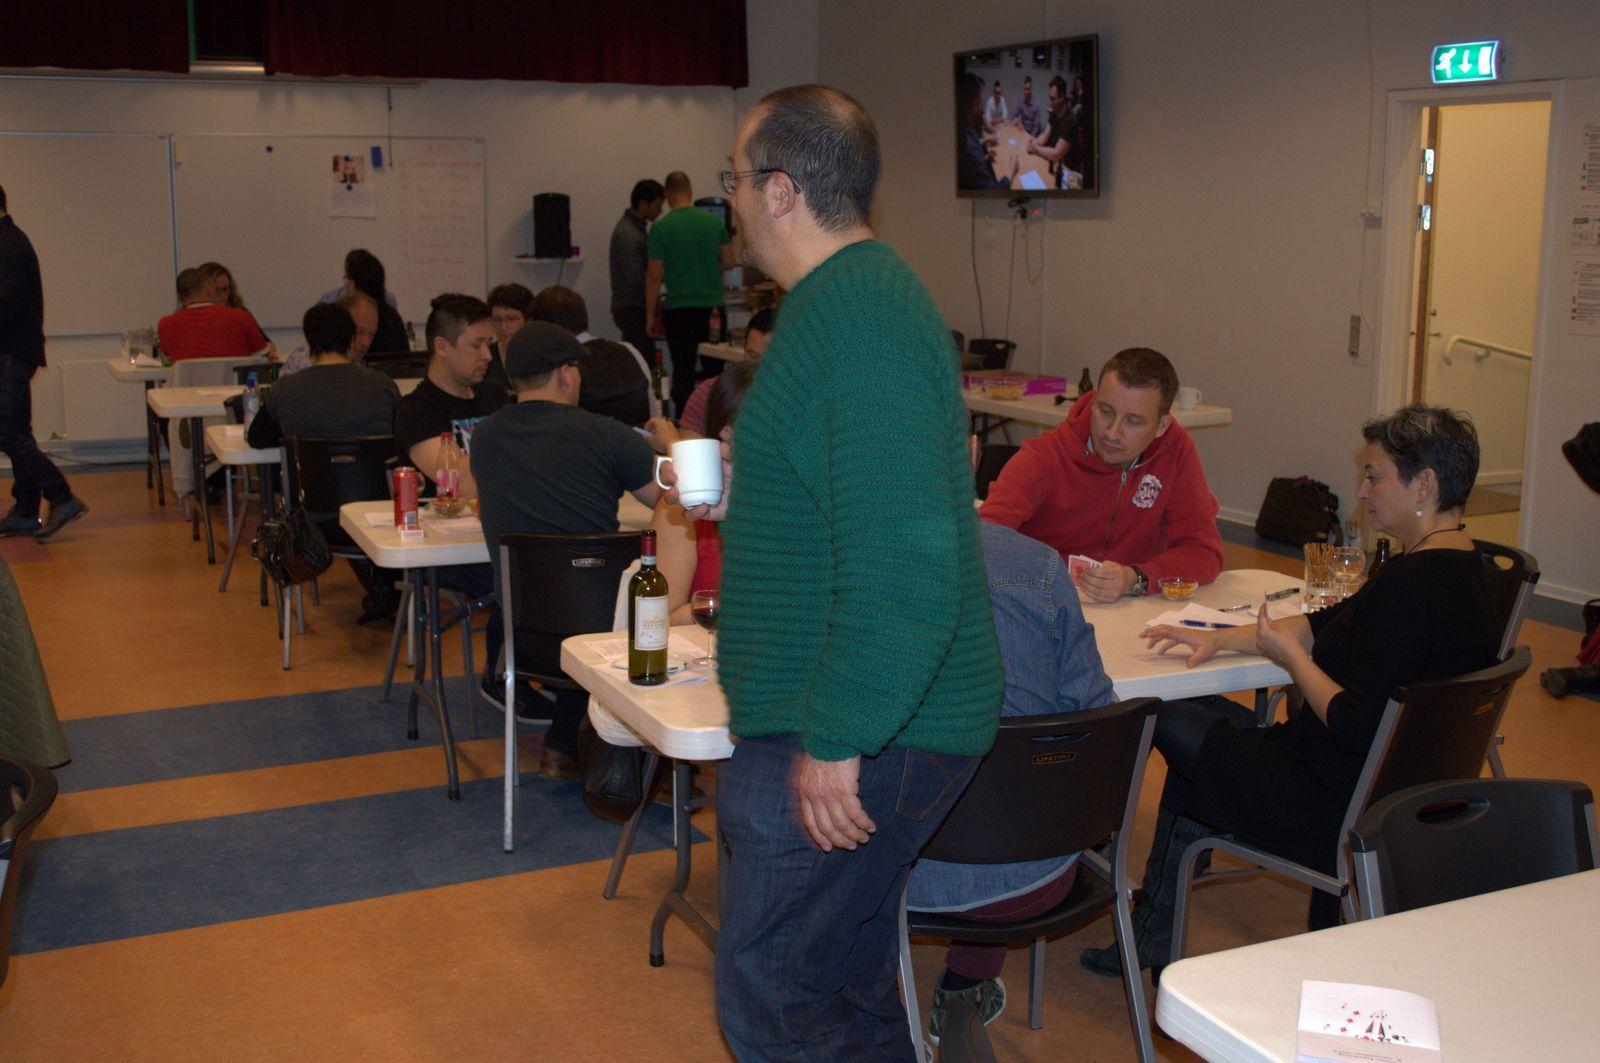 2014-11-08-2140_Semifinalister_og_raekkefoelge_annonceres_Wormsturnering